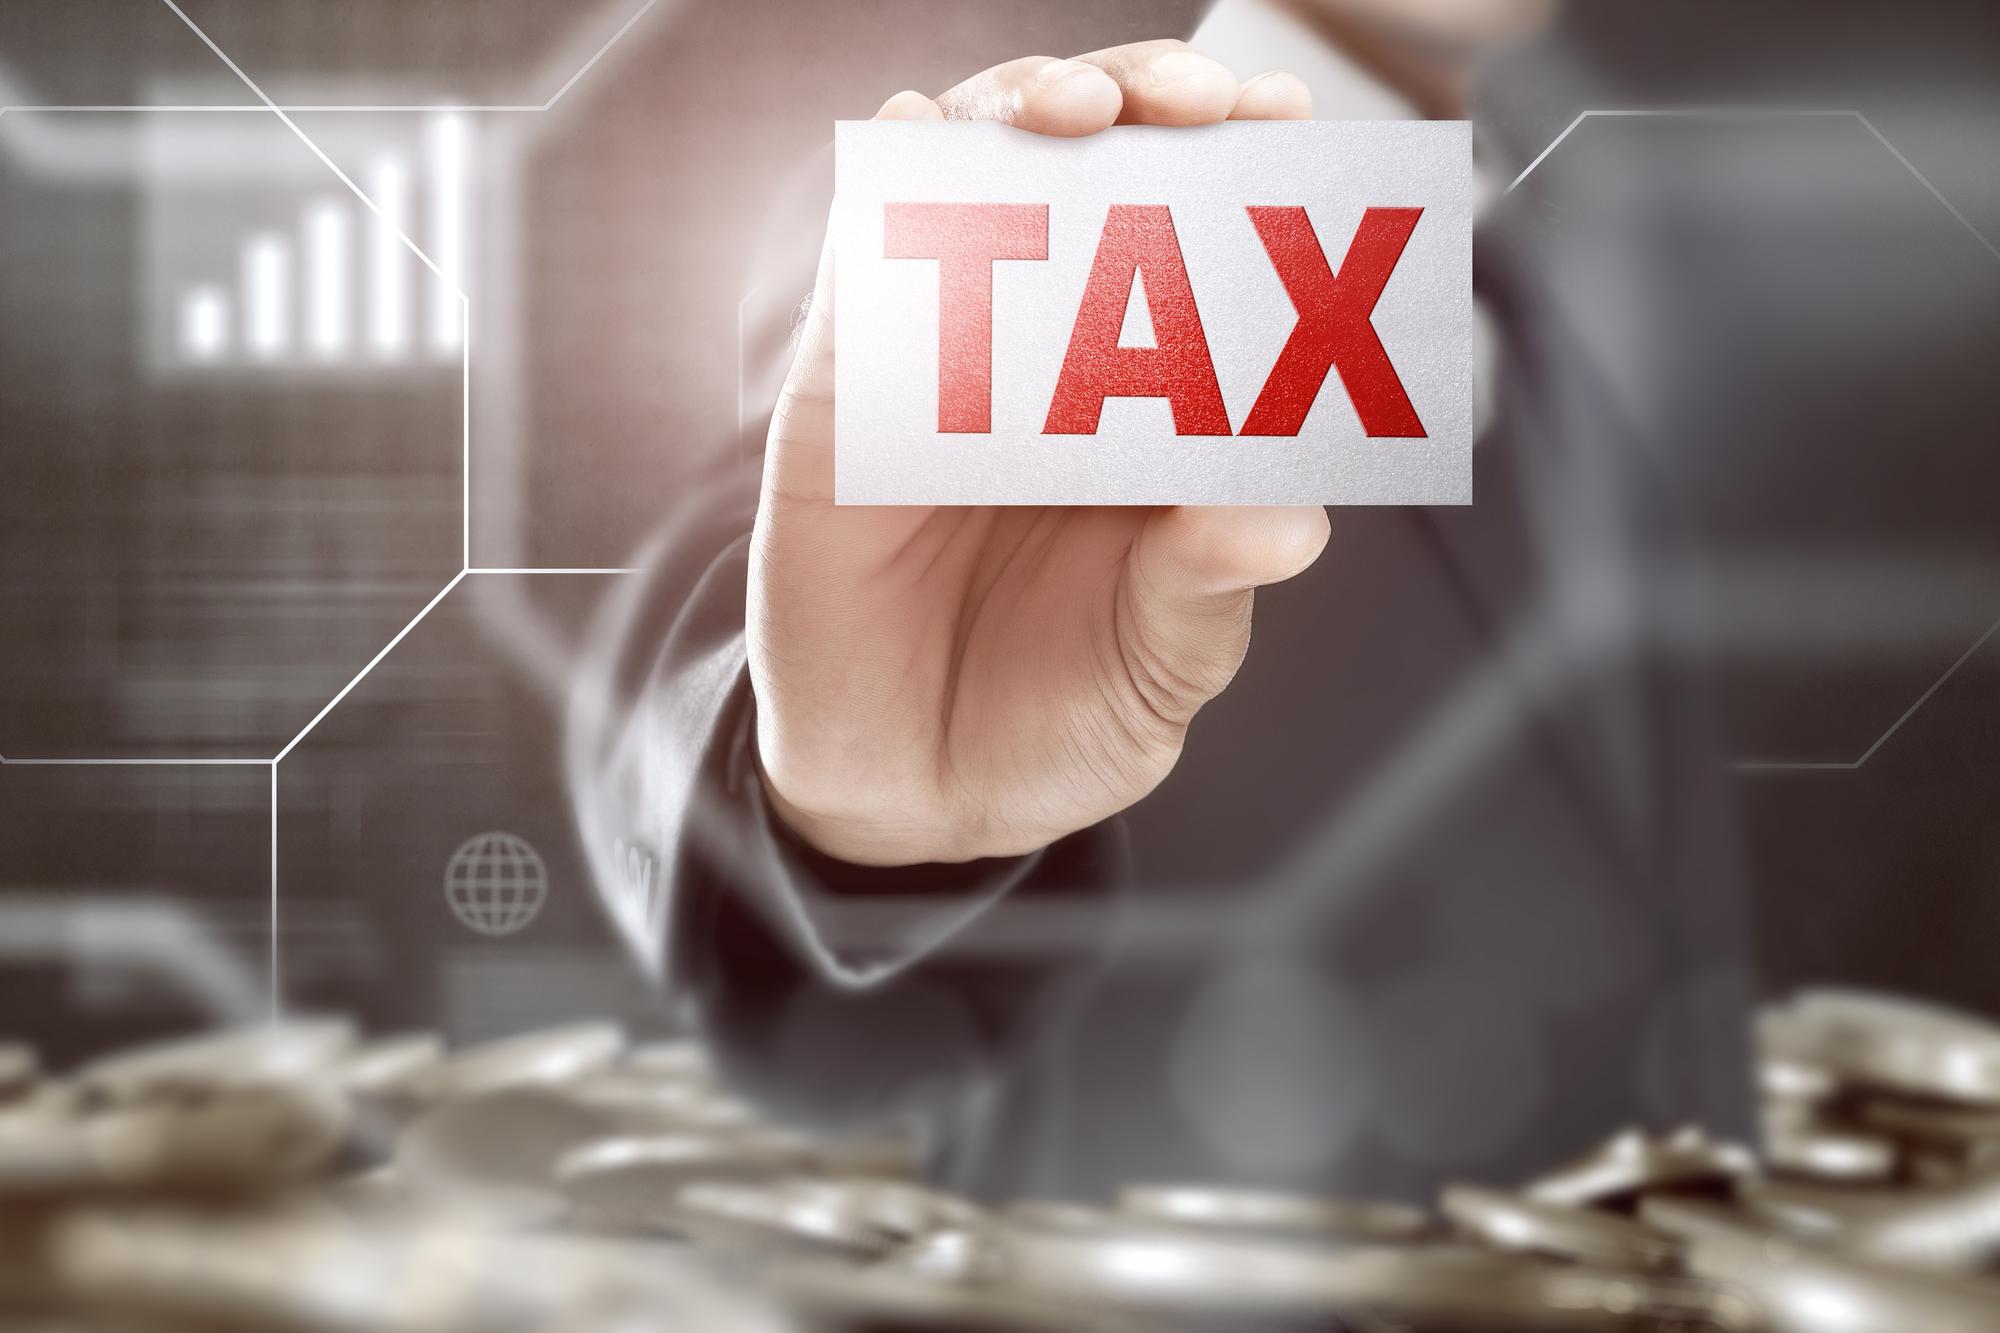 バイナリーオプションの税金はいくら?その計算方法や経費を徹底解説!